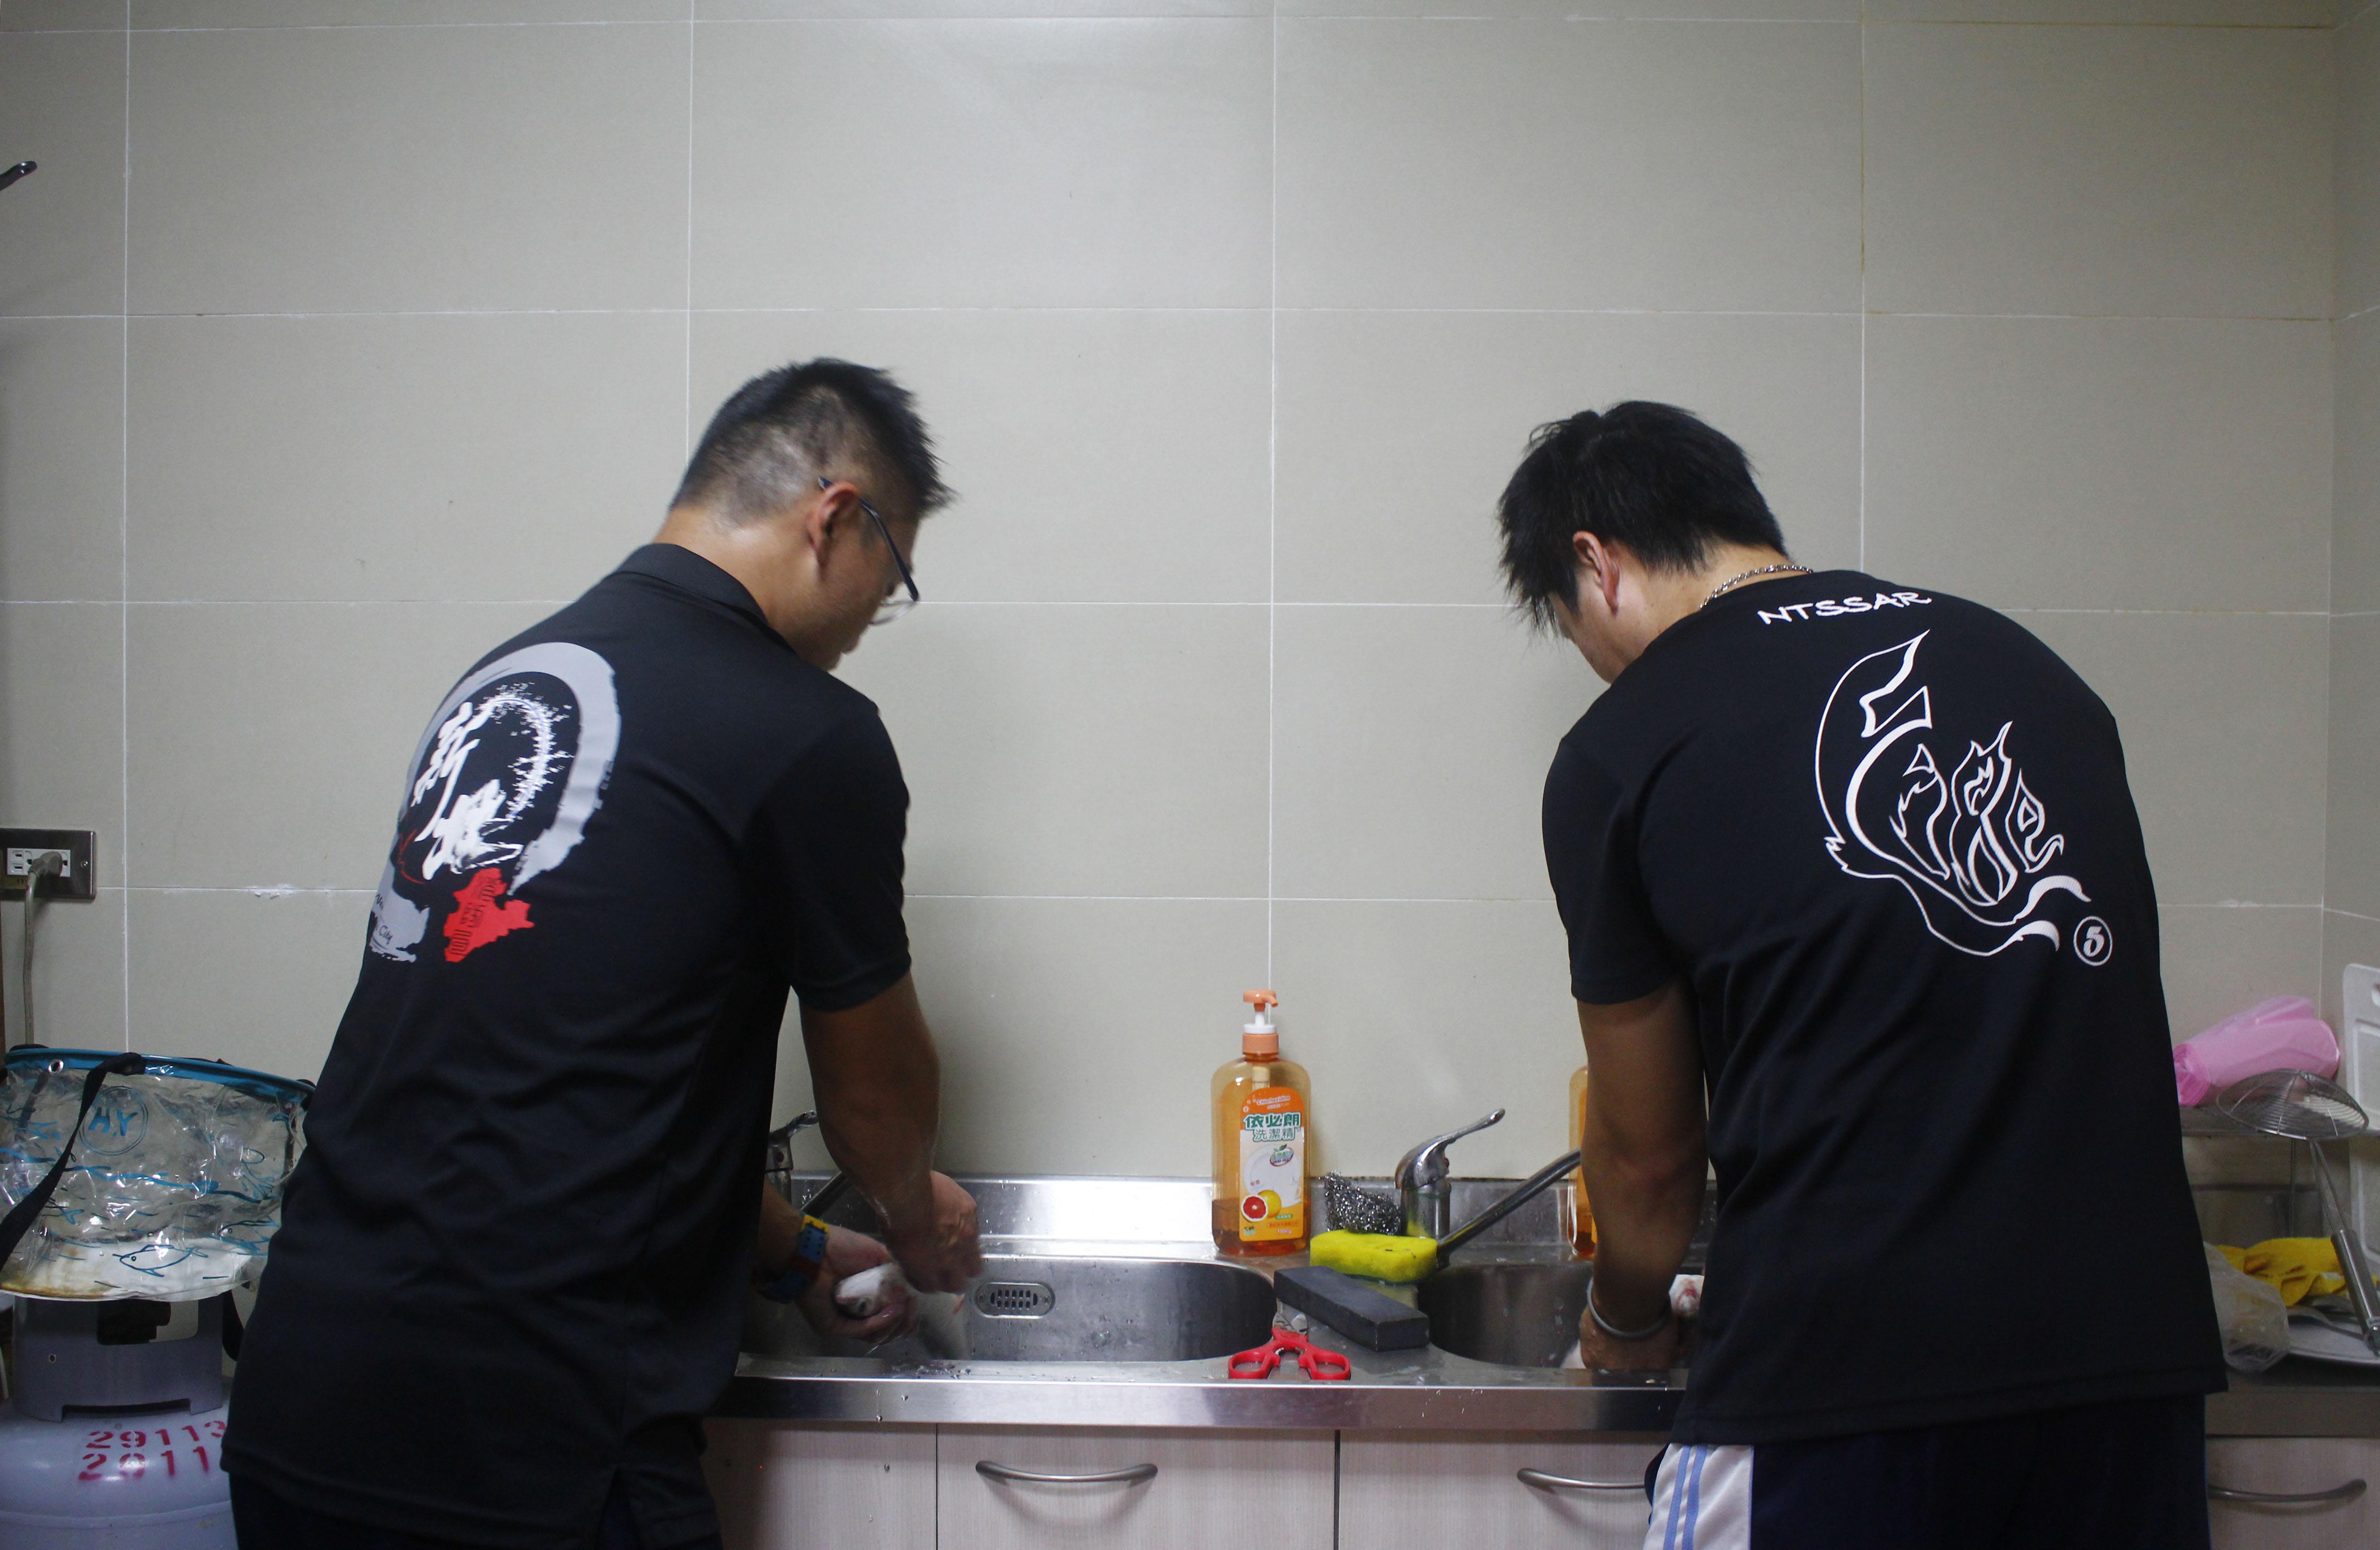 二位消防員在廚房處理魚只。攝影/韋可琦